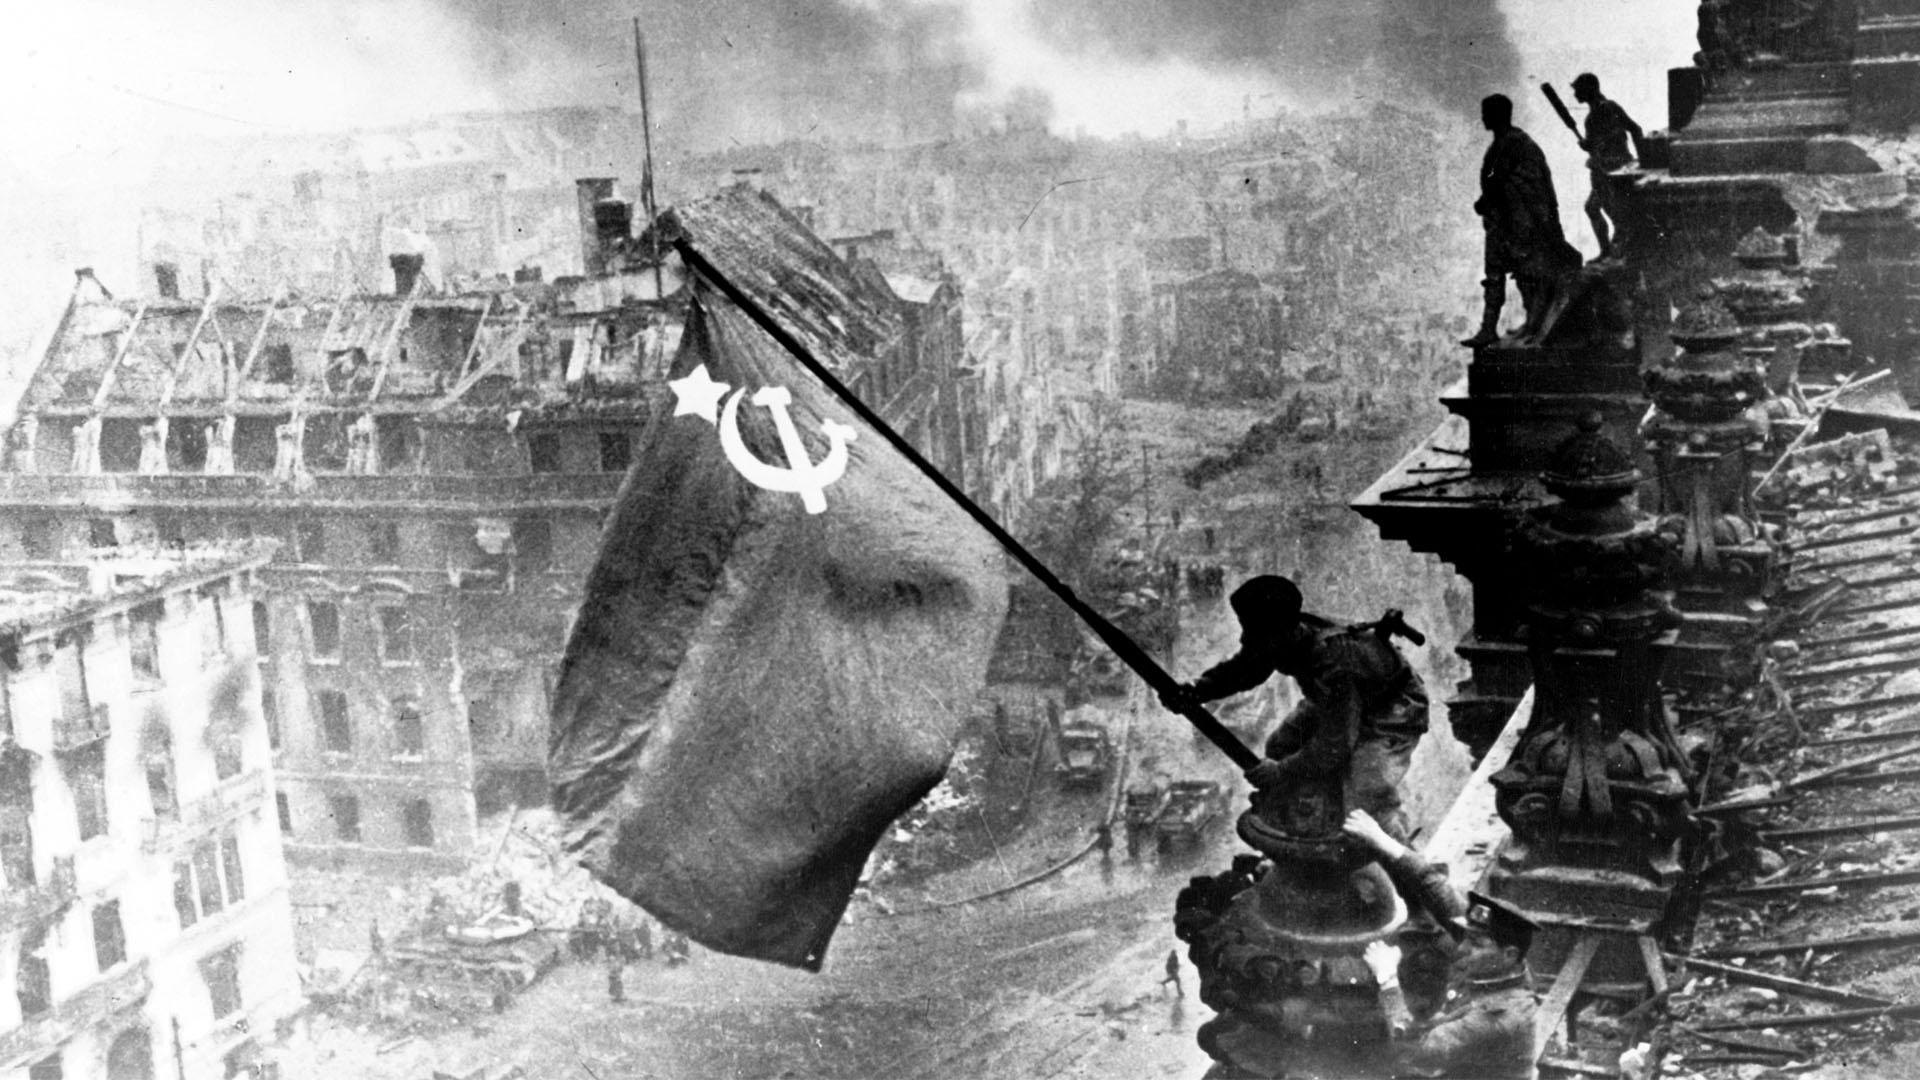 Národná koalícia: Keď si pripomenieme víťazstvo nad fašizmom, upozornime aj na šírenie neonacizmu